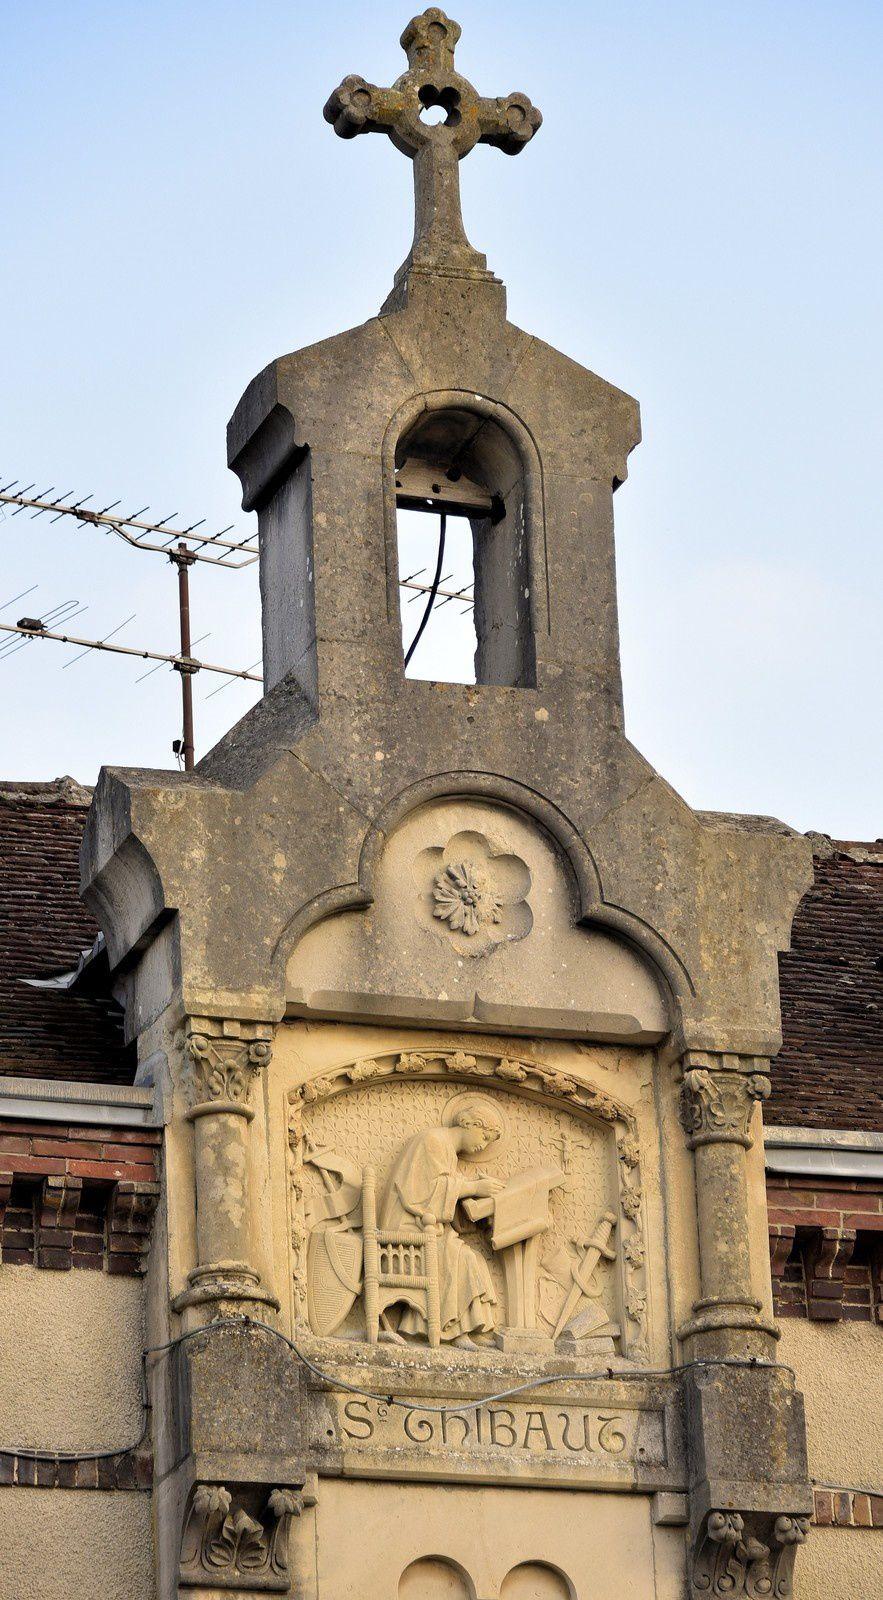 Le 24/03/2019 Balade à la cité médiévale de Provins. (4) Saint-Thibaut. La maison des orphelines